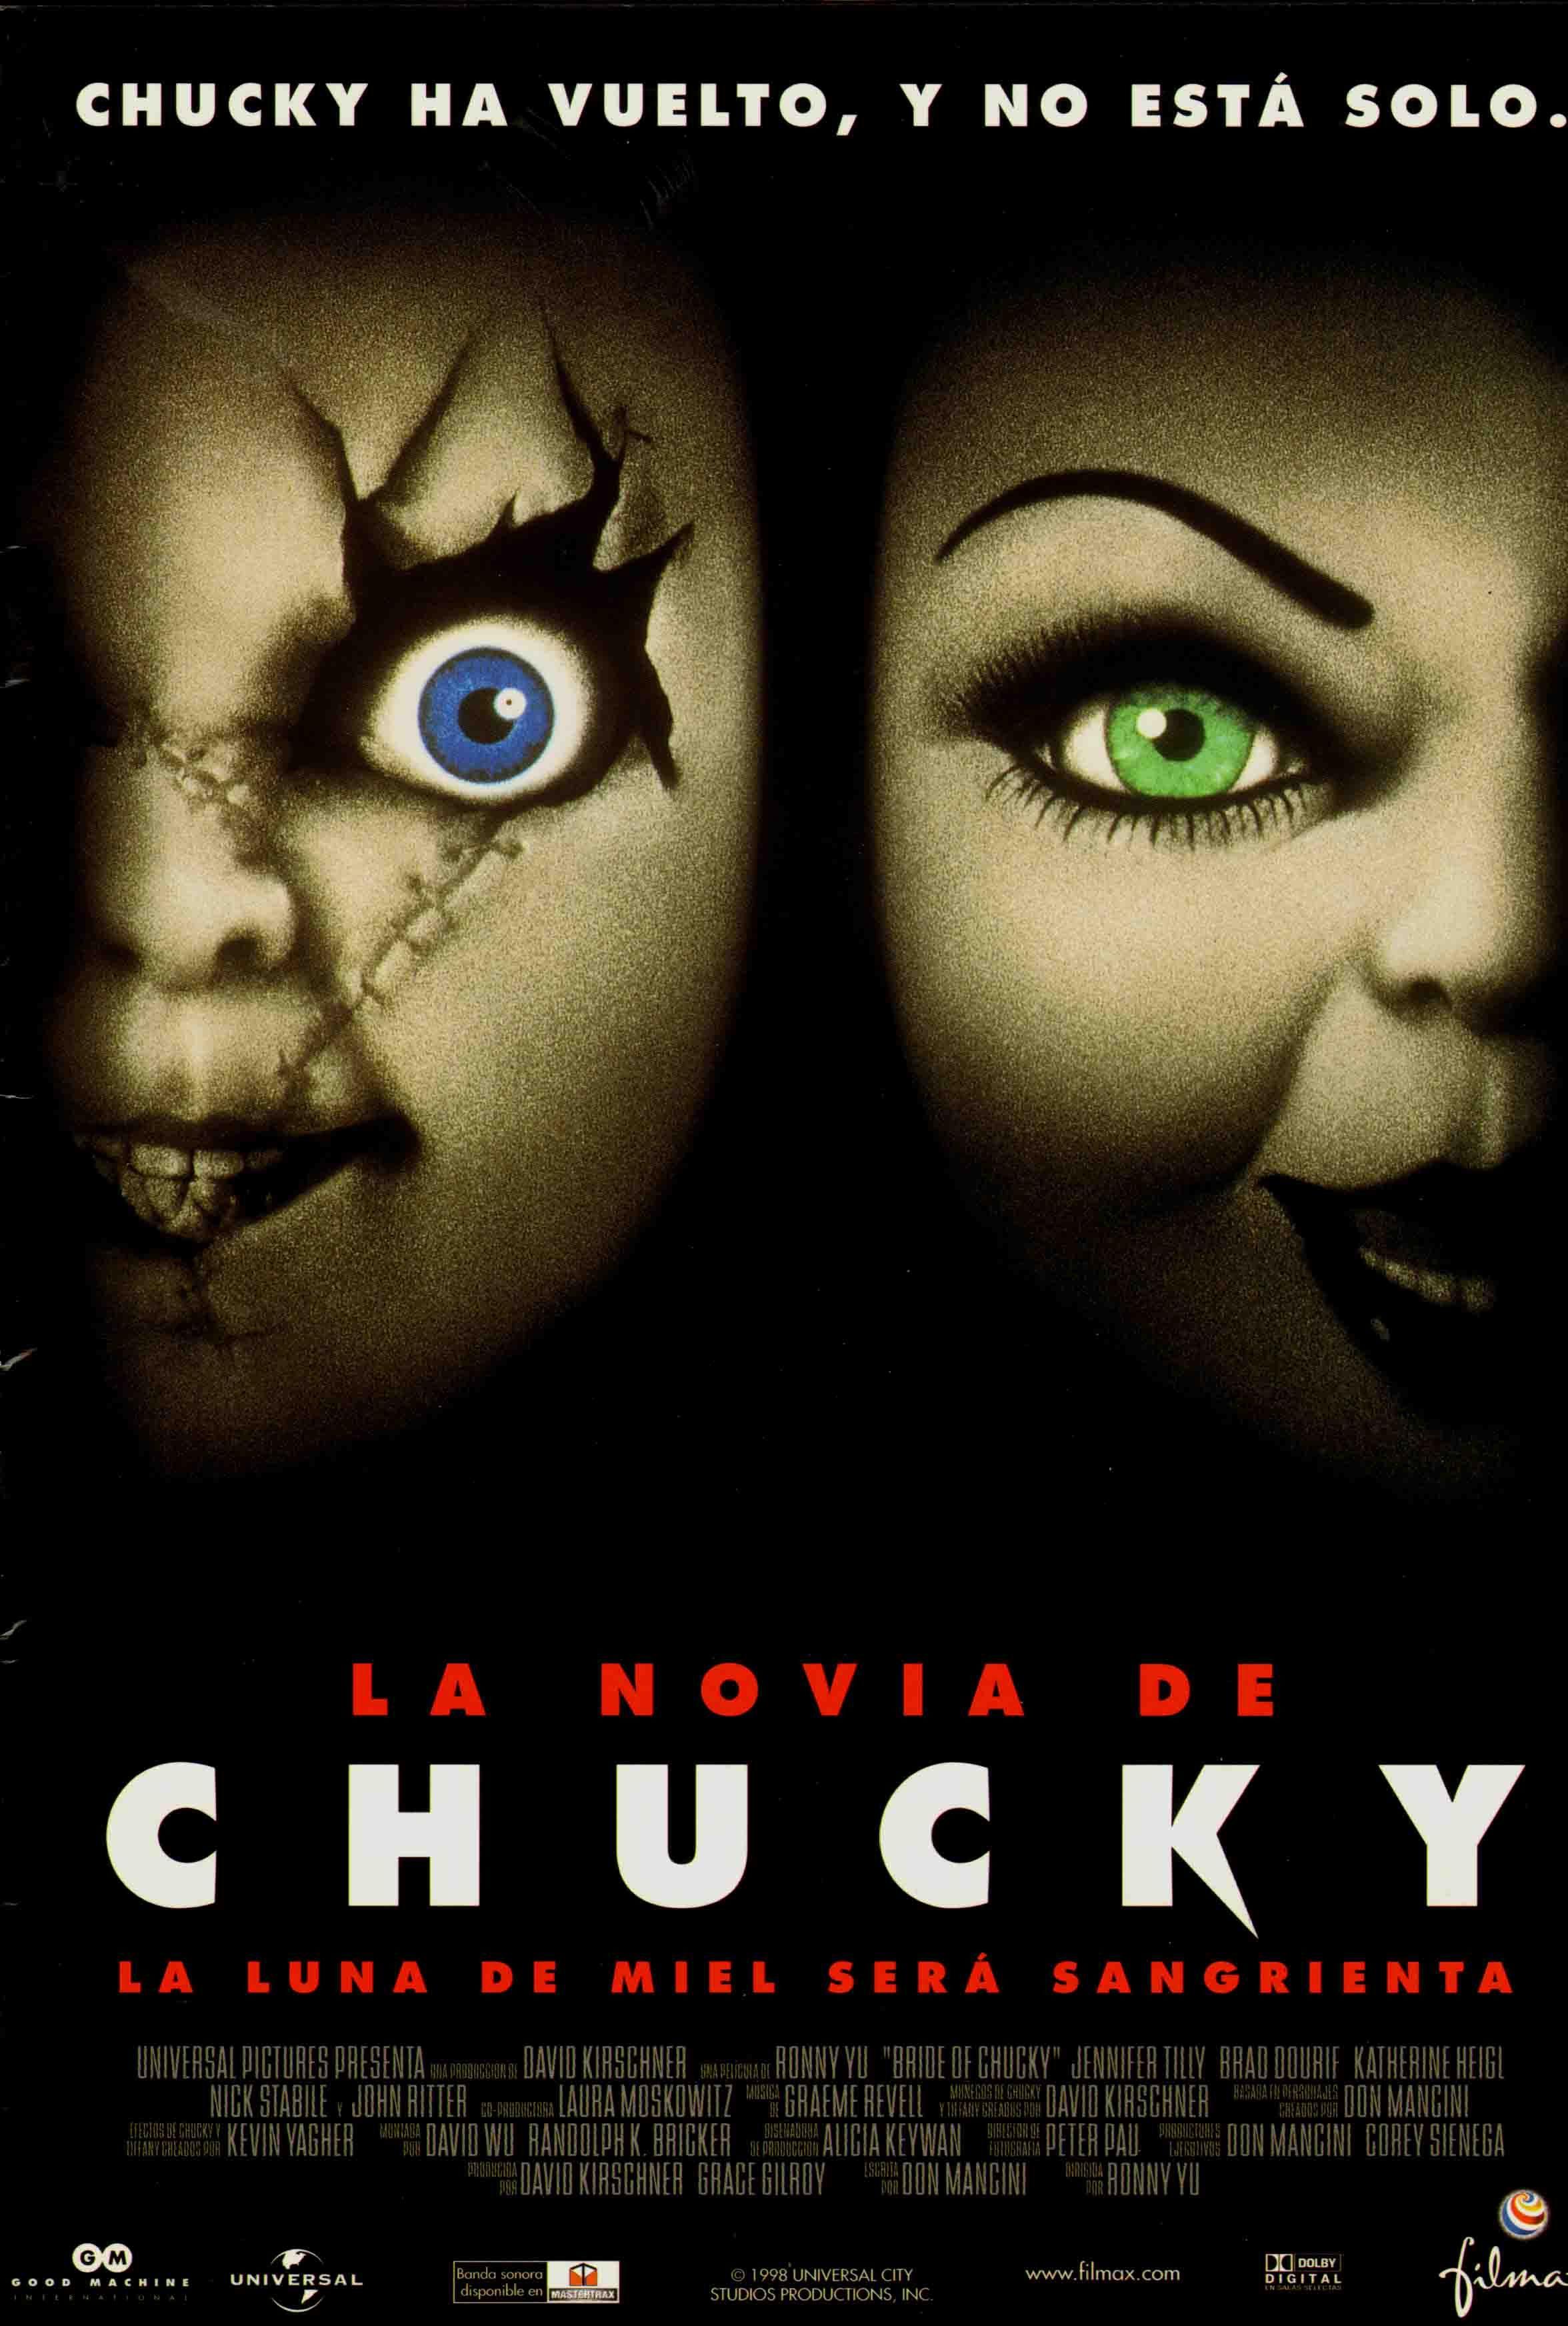 La Novia De Chucky La Novia De Chucky Chucky Comedia De Terror